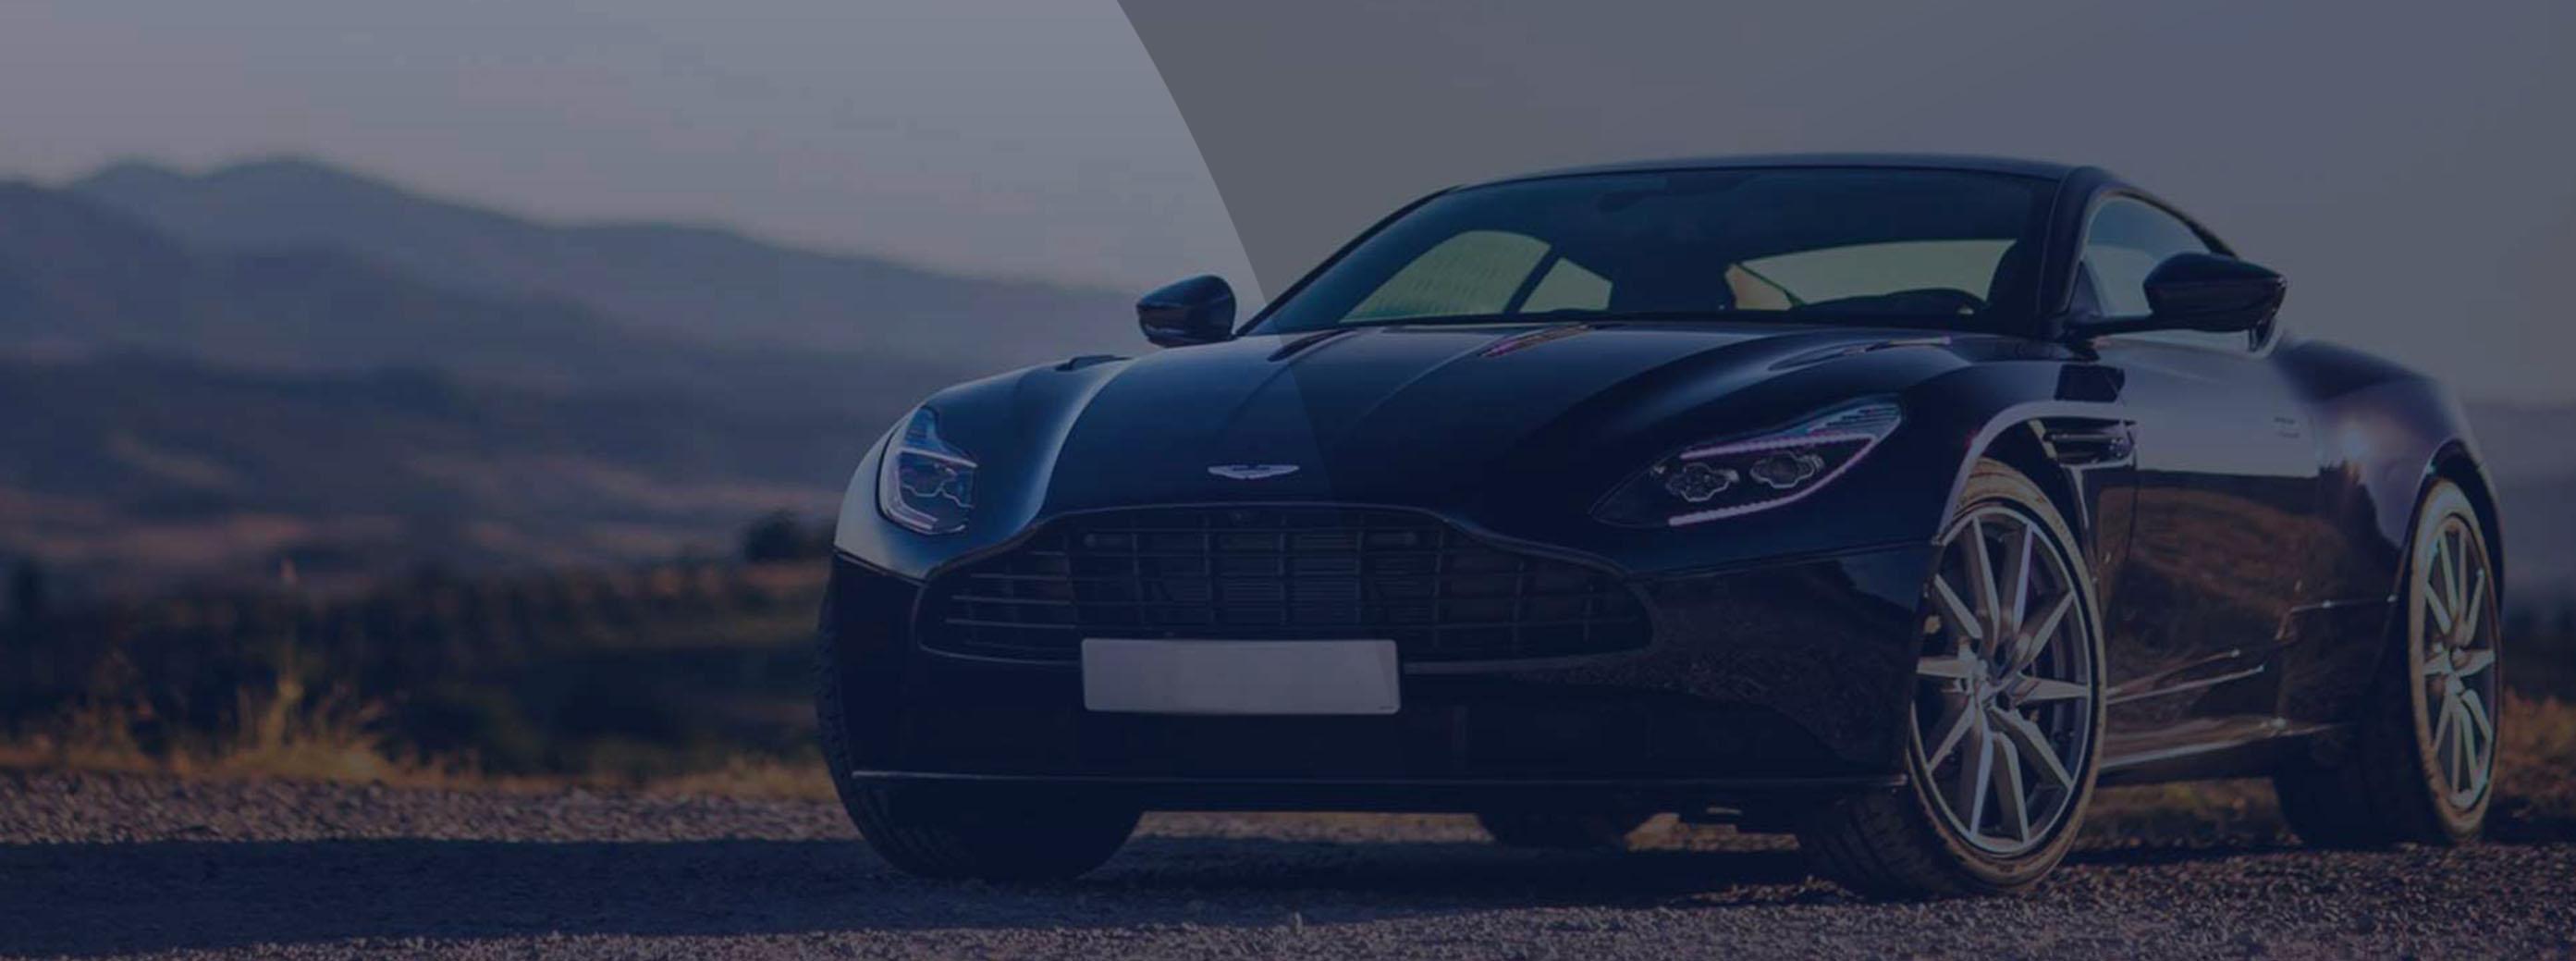 <span>Leasing de véhicules d'exception</span><br /><strong>Leader du leasing sur-mesure<br />de véhicules de luxe de seconde main<br /><br /><a class='btn-orange' href='https://www.annonces-automobile.com/pro/site/2414/tout-savoir-du-leasing-d-automobiles-haut-de-gamme-155'>Découvrez le leasing</a><a class='btn-blue' href='https://www.annonces-automobile.com/pro/site/2414/leasing'>Notre stock disponible</a></strong>